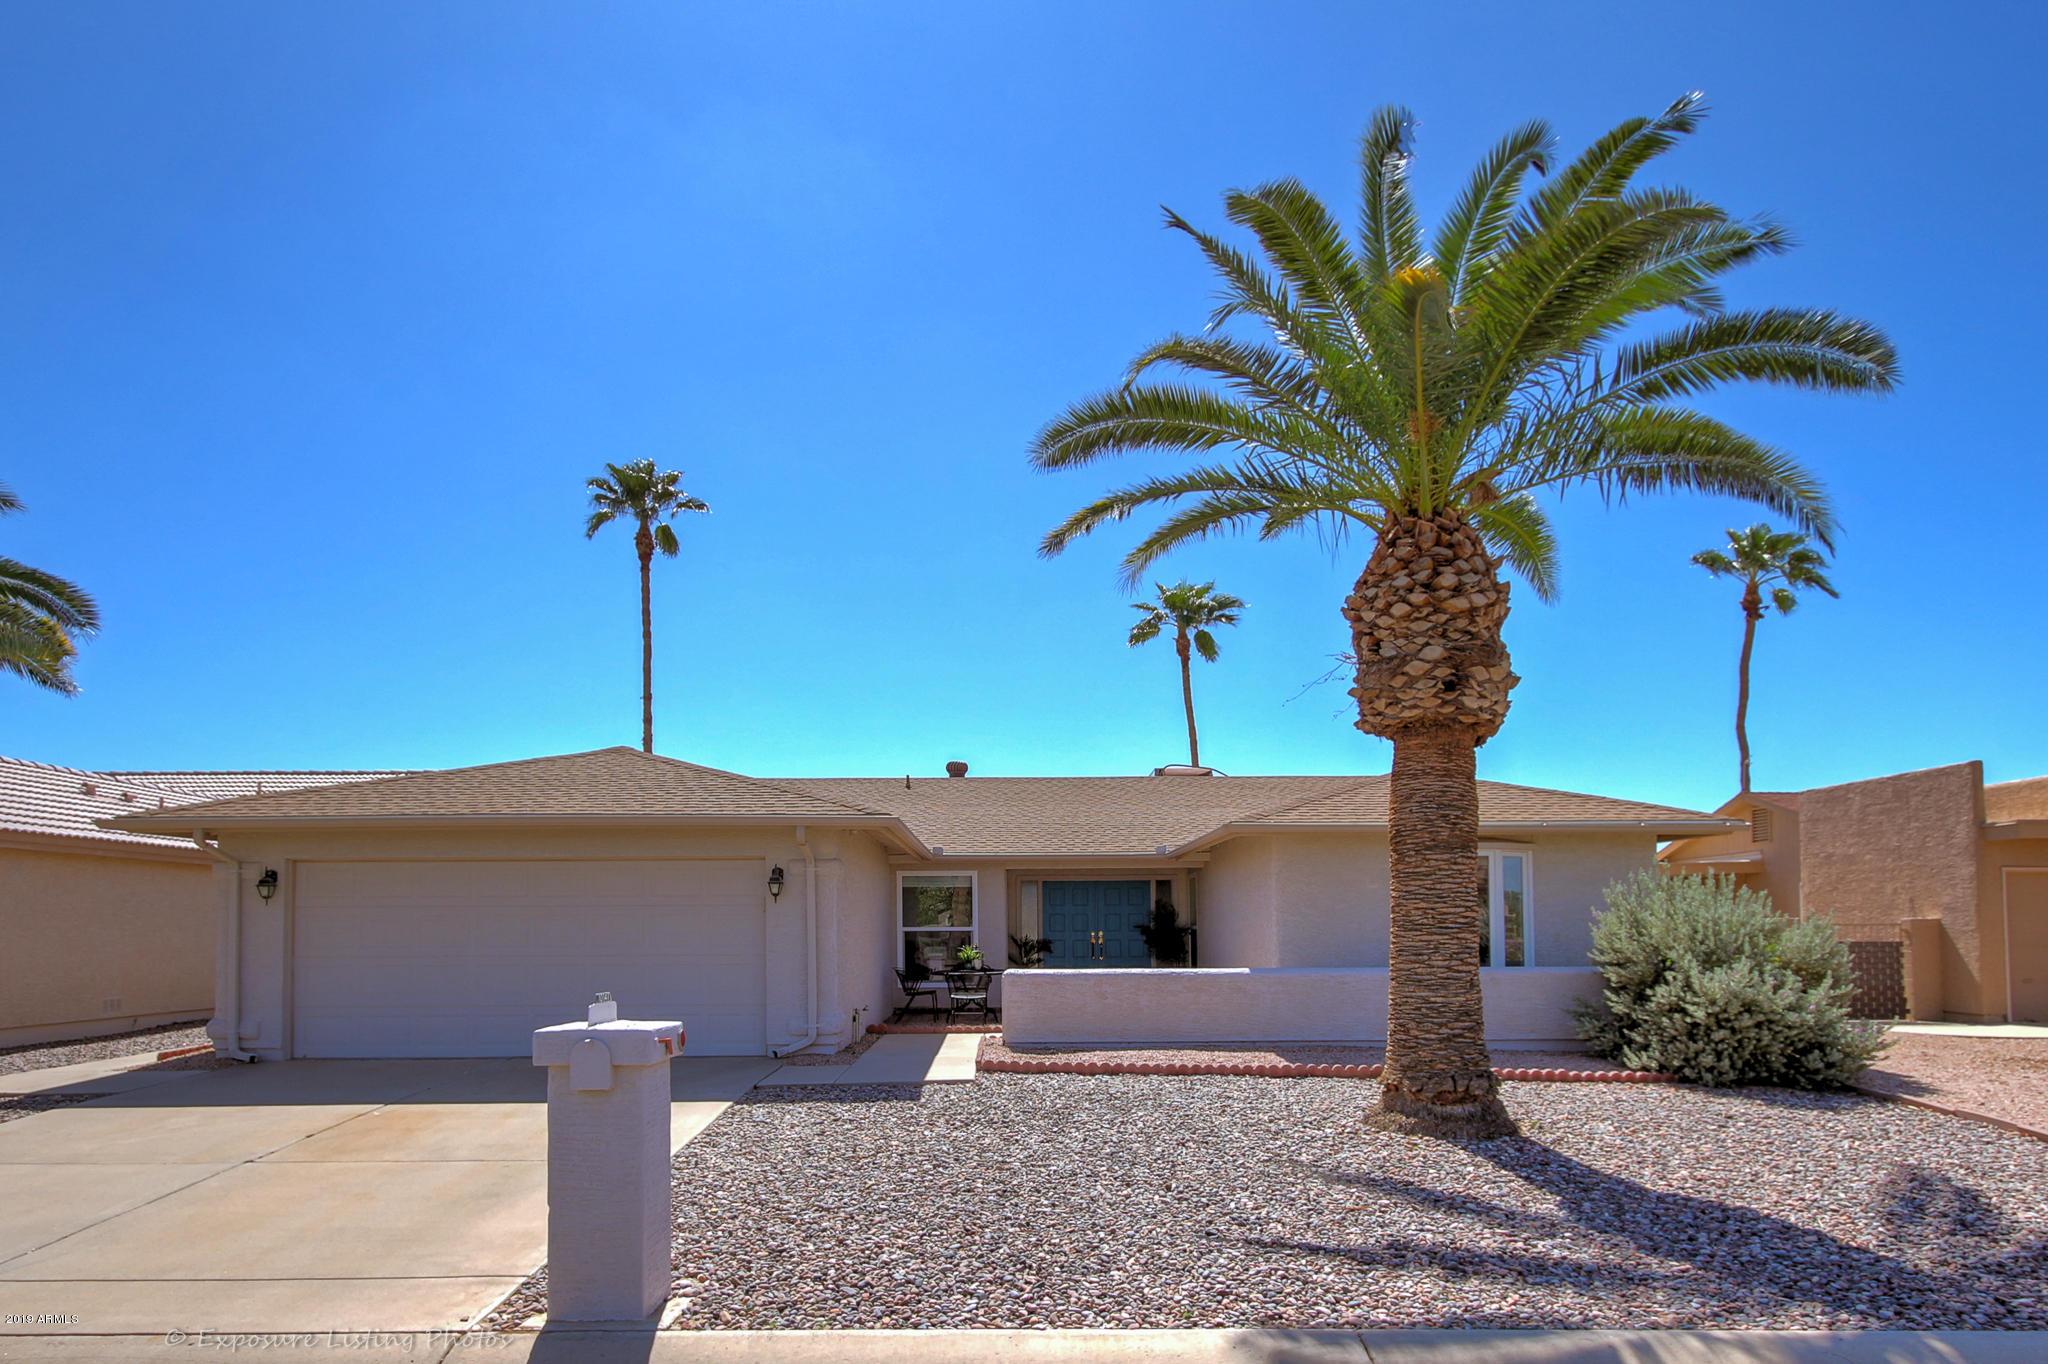 Photo for 10141 E Navajo Place, Sun Lakes, AZ 85248 (MLS # 5985419)